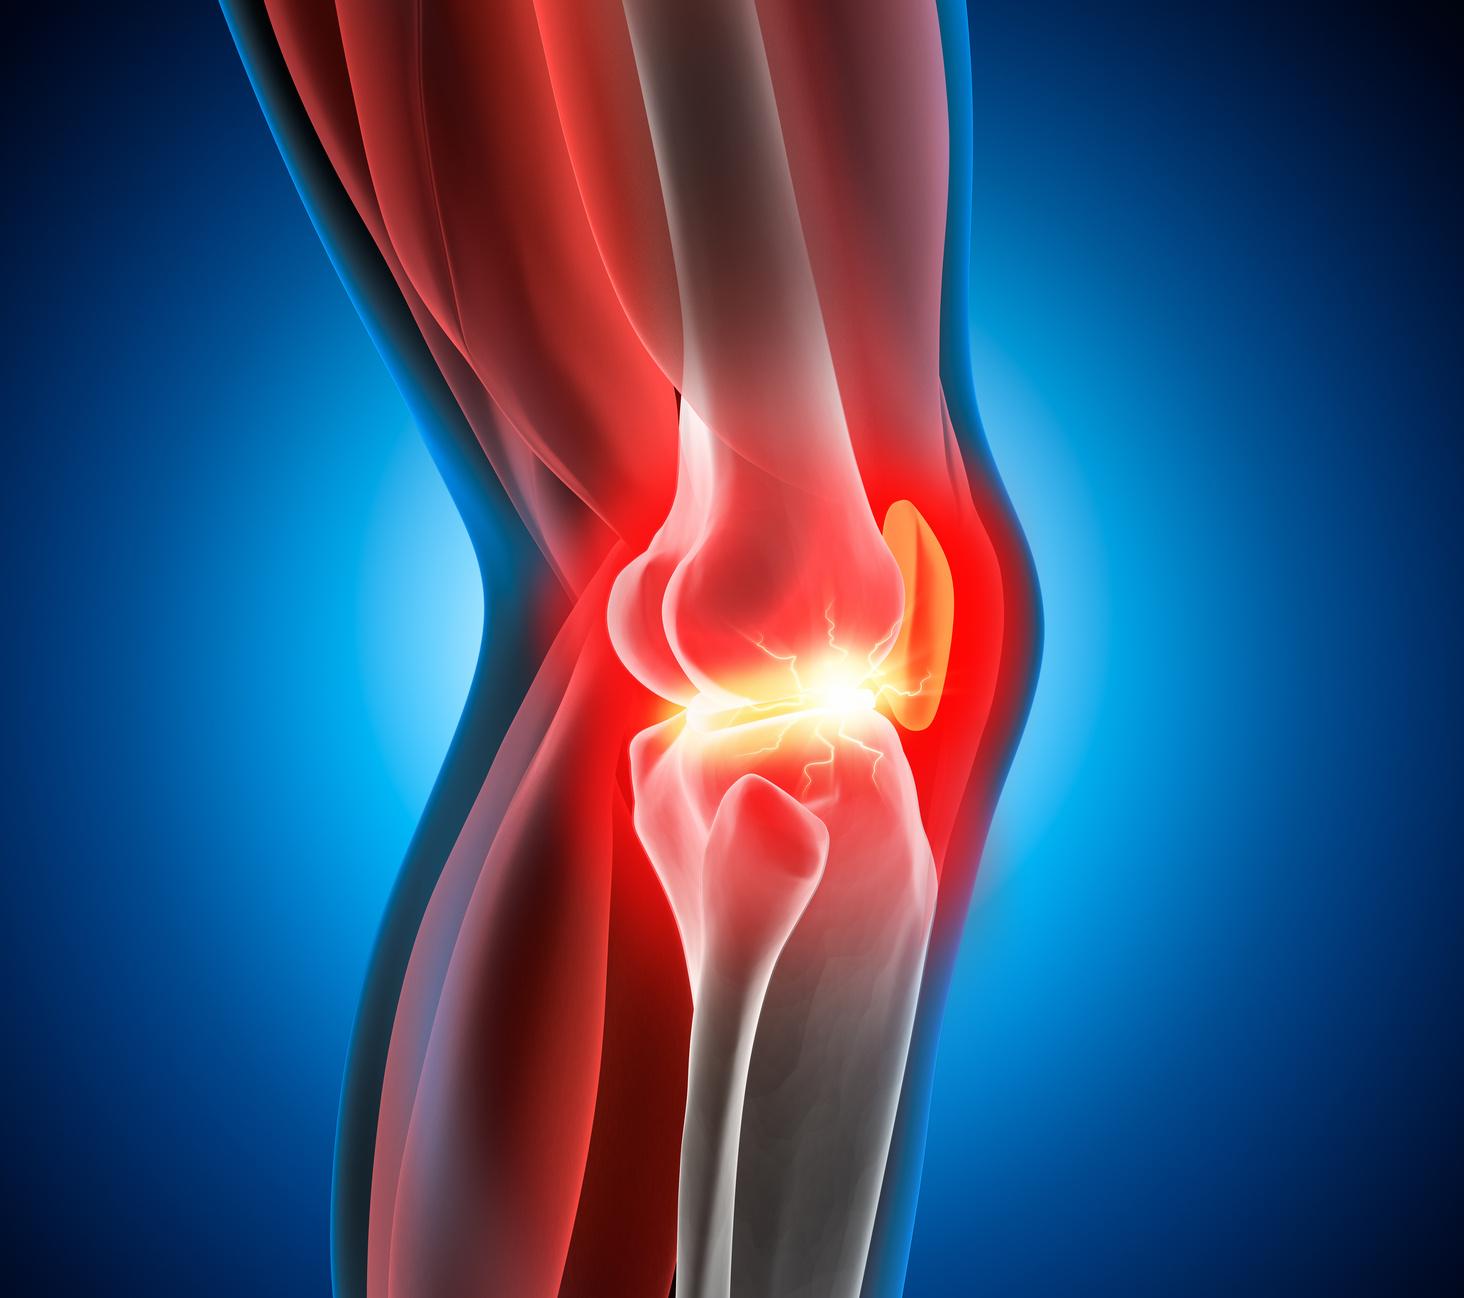 Instabilità del ginocchio, esercizi di potenziamento muscolare potrebbero prevenire le cadute